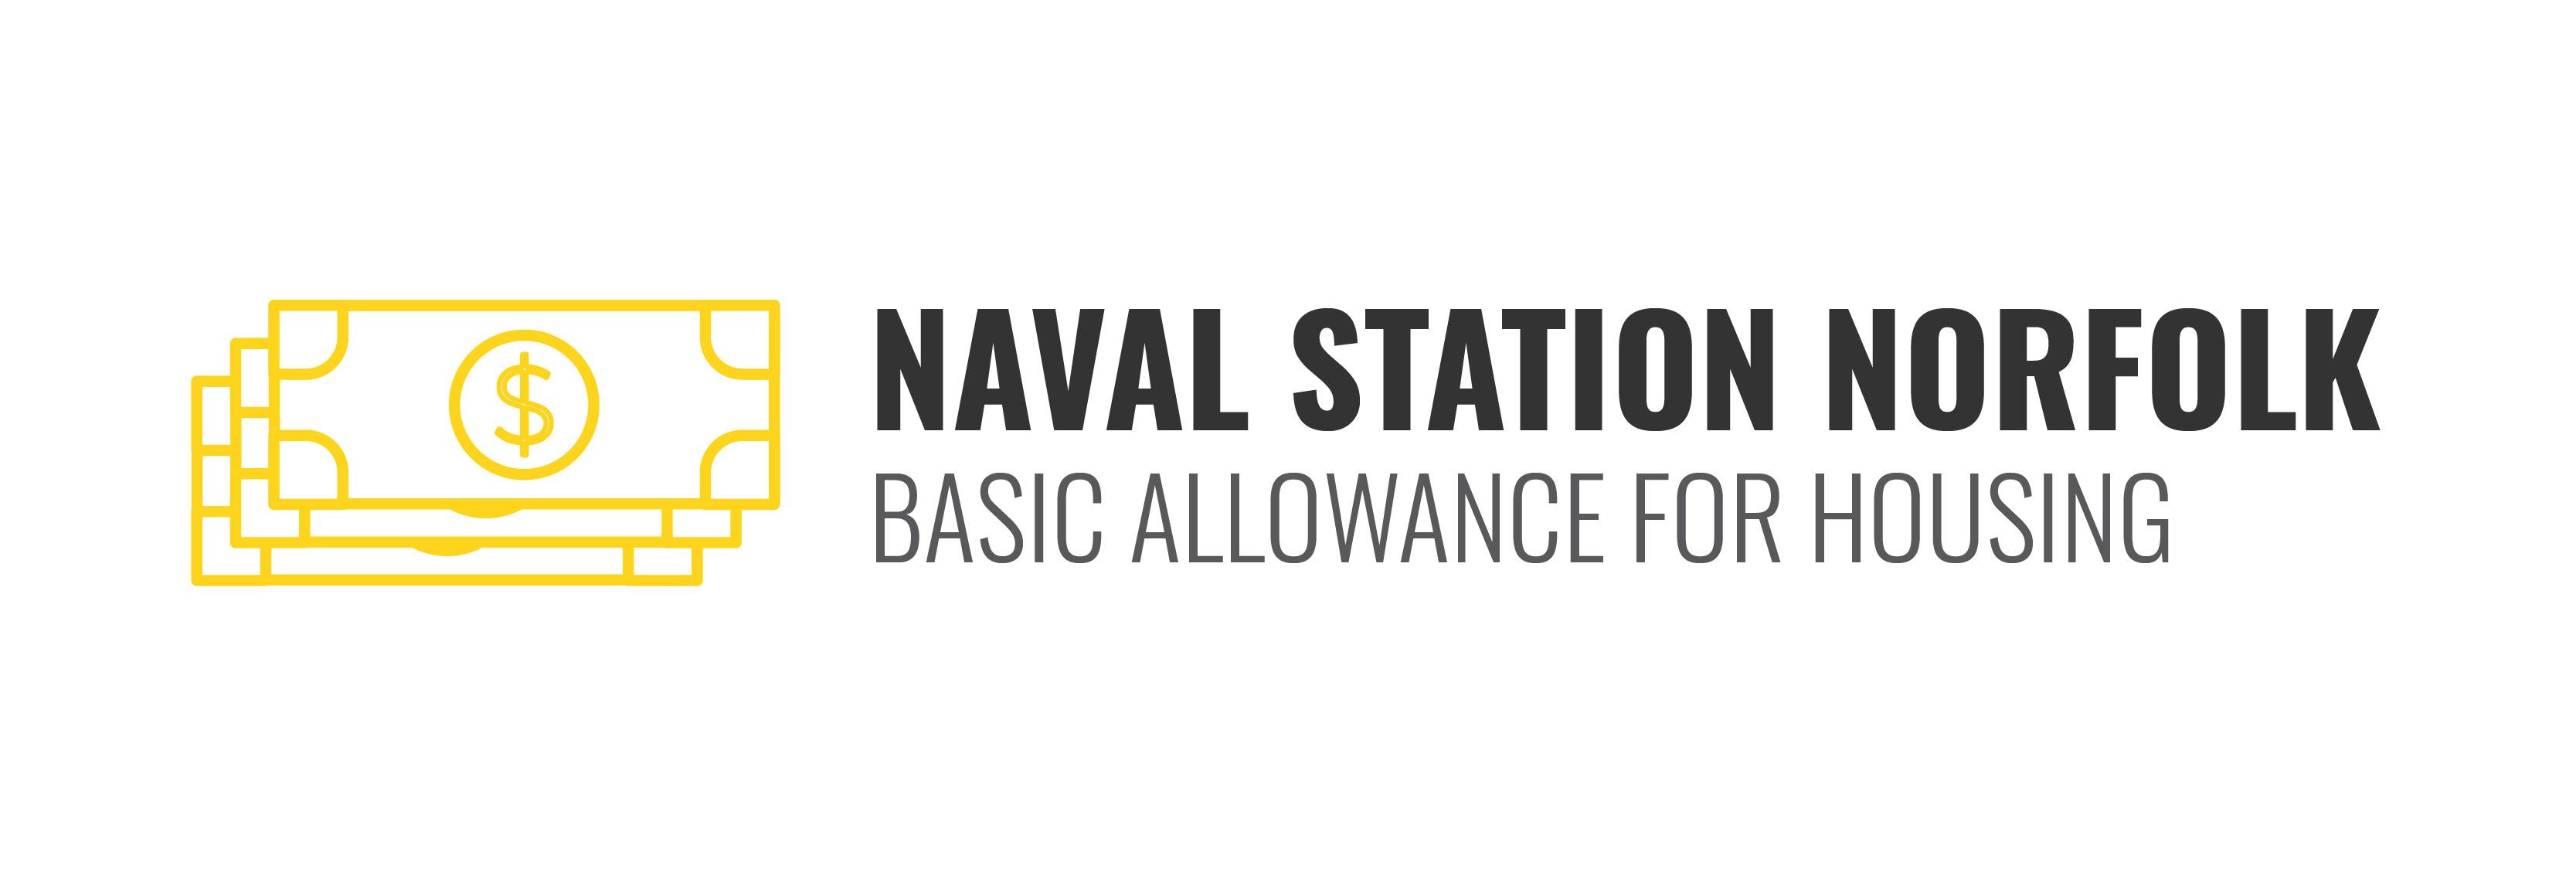 Naval Station Norfolk BAH